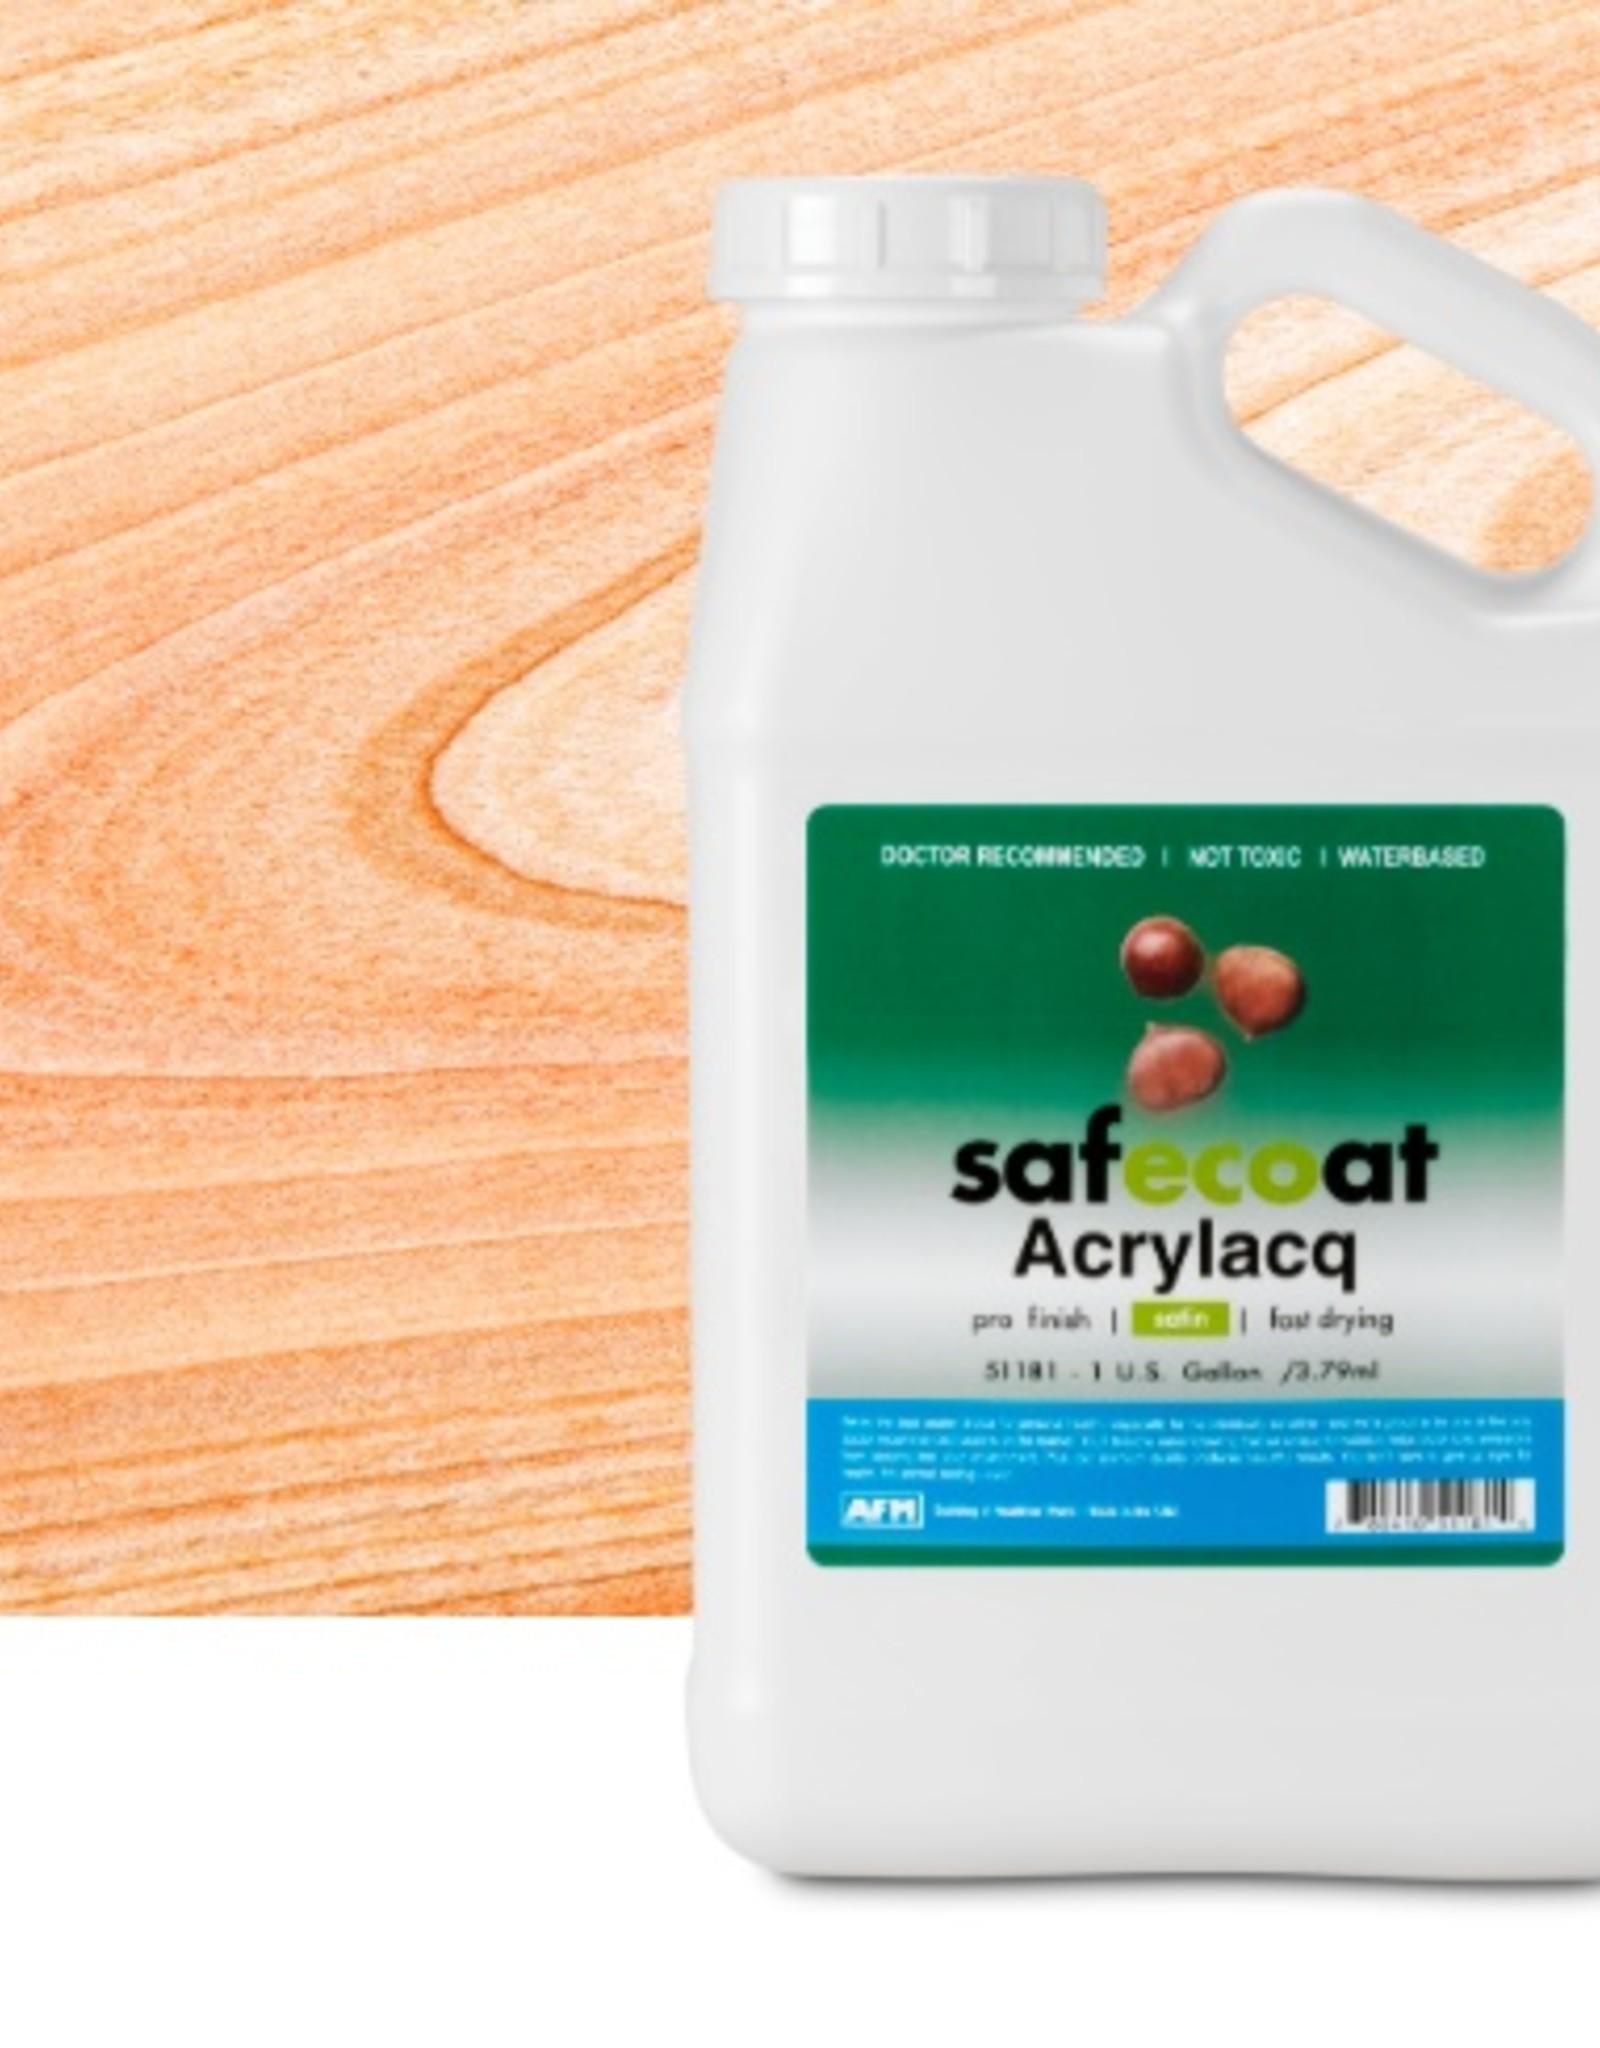 Acrylacq